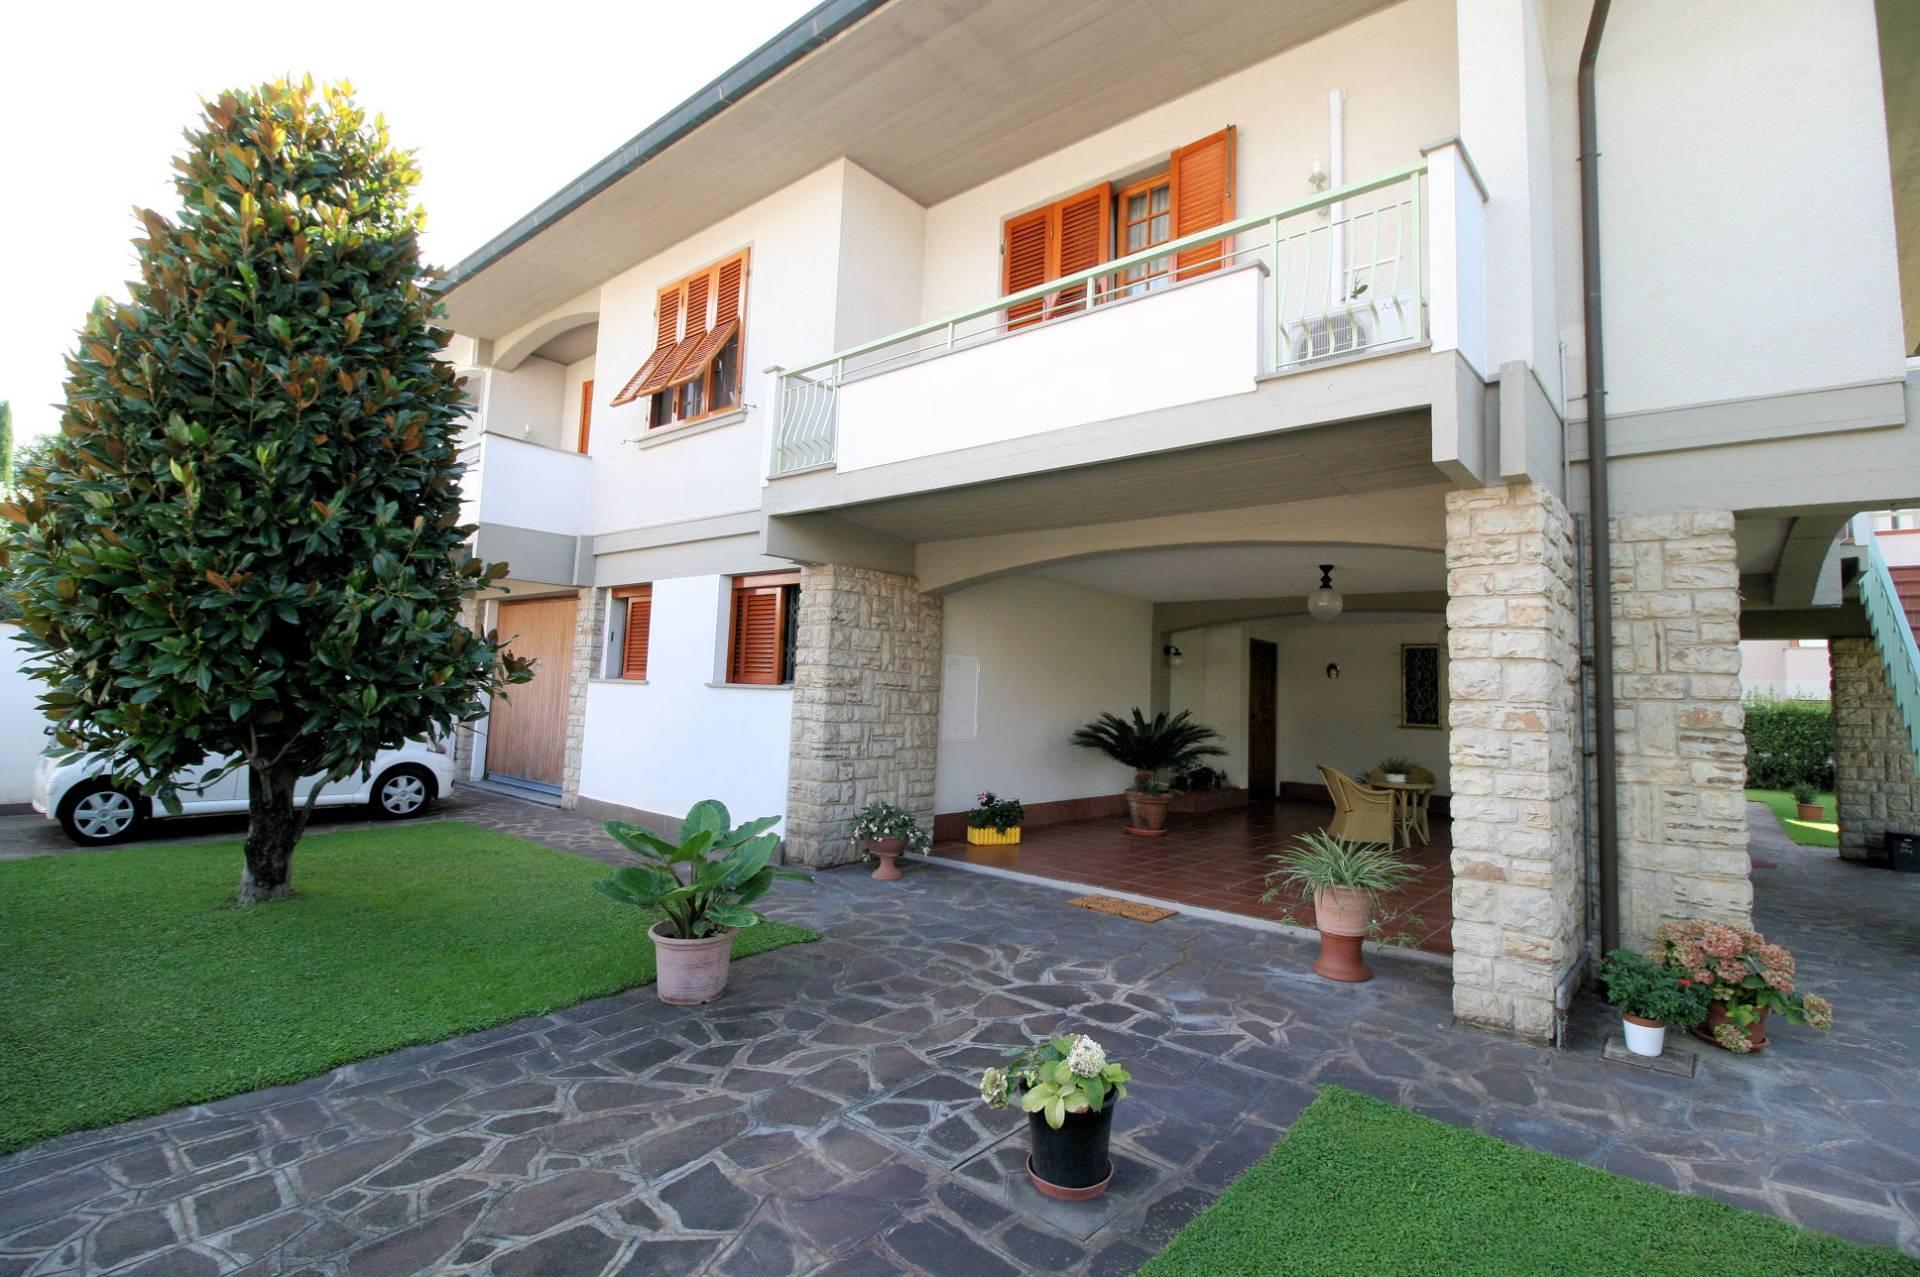 Villa Bifamiliare in Vendita a Santa Croce sull'Arno